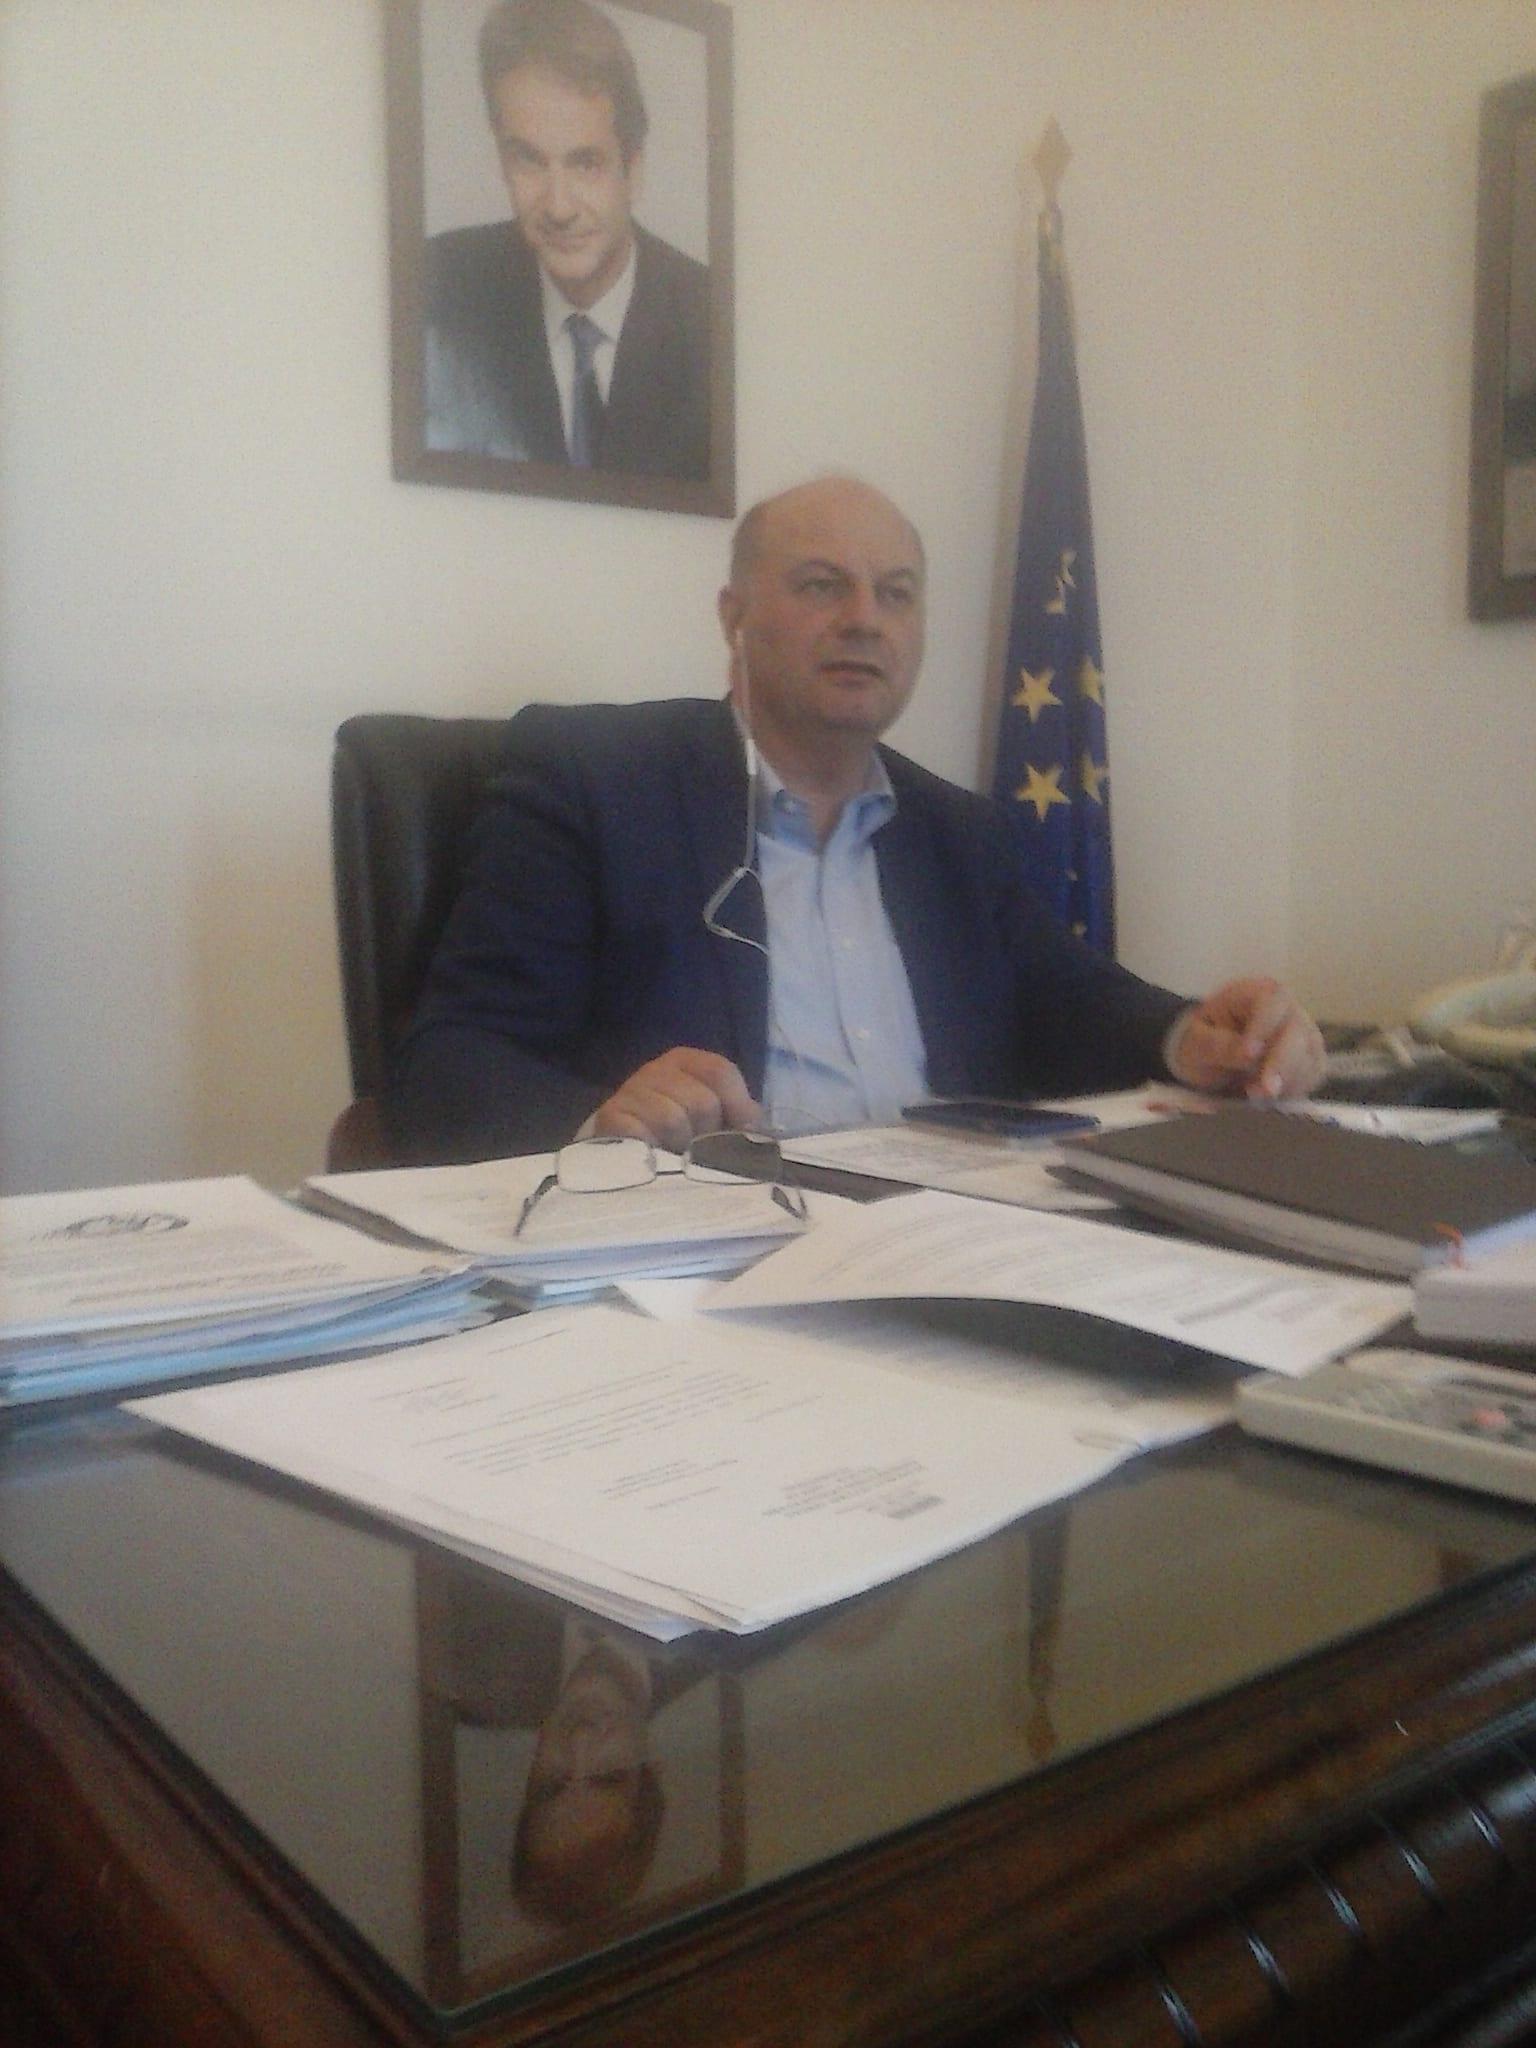 Ο Γενικός Γραμματέας της Κ.Ο. της ΝΔ, Κώστας Τσιάρας, ενημερώνεται από το Κινητό τηλέφωνο ότι εκείνη την στιγμή είχε κατατεθεί στο προεδρείο το Σχέδιο Νόμου της Νέας Δημοκρατίας για την ψήφο των Αποδήμων.